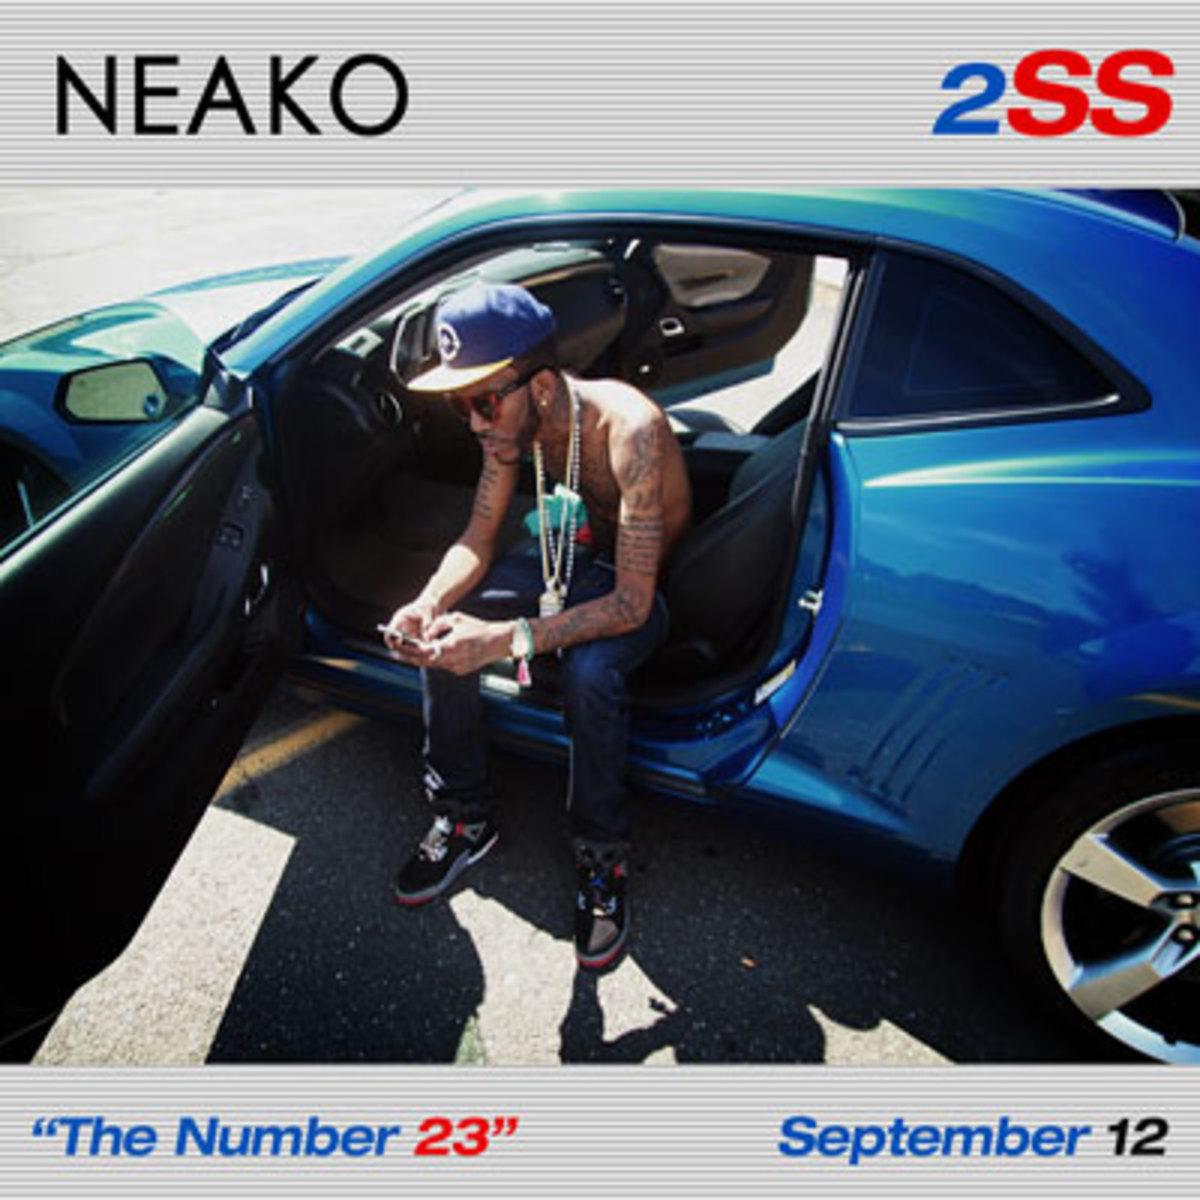 neako-2ss.jpg